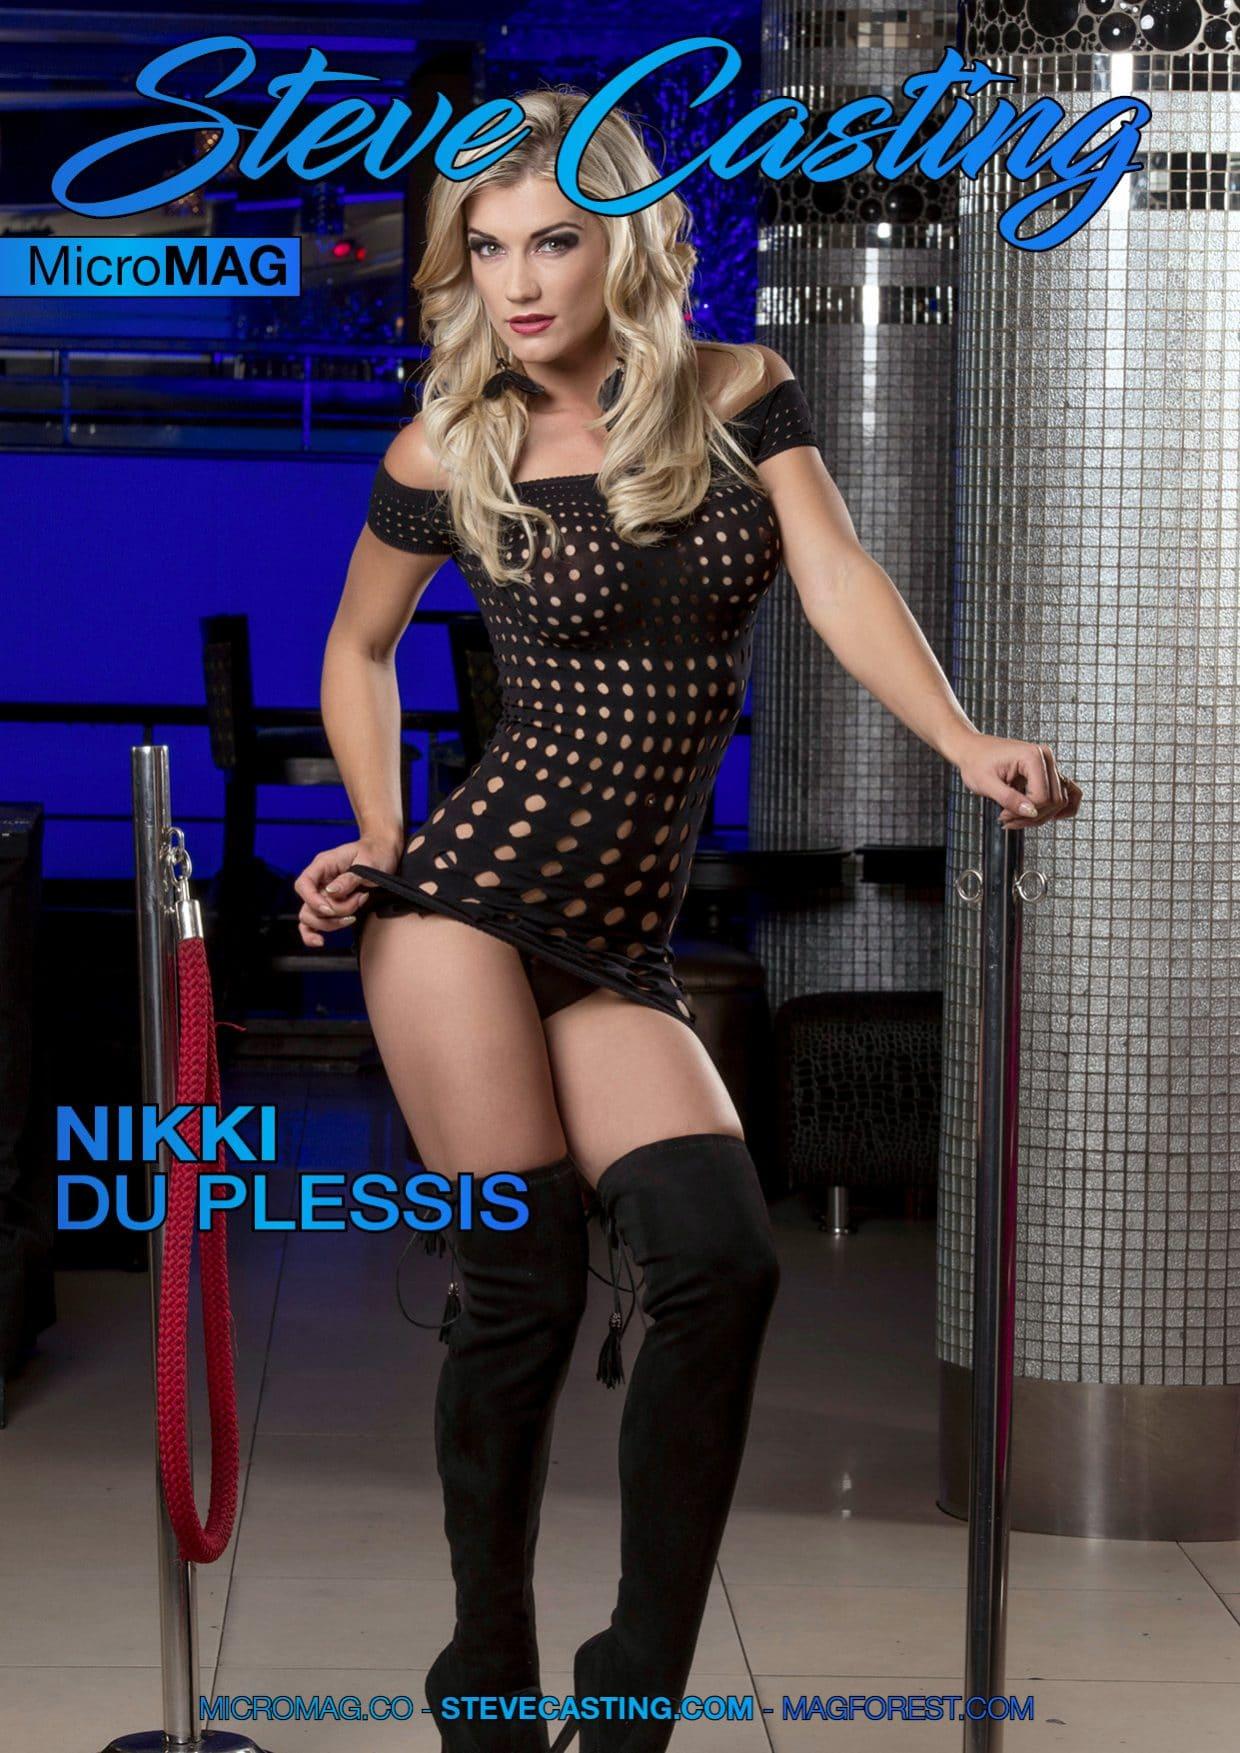 Steve Casting MicroMAG - Nikki Du Plessis 1